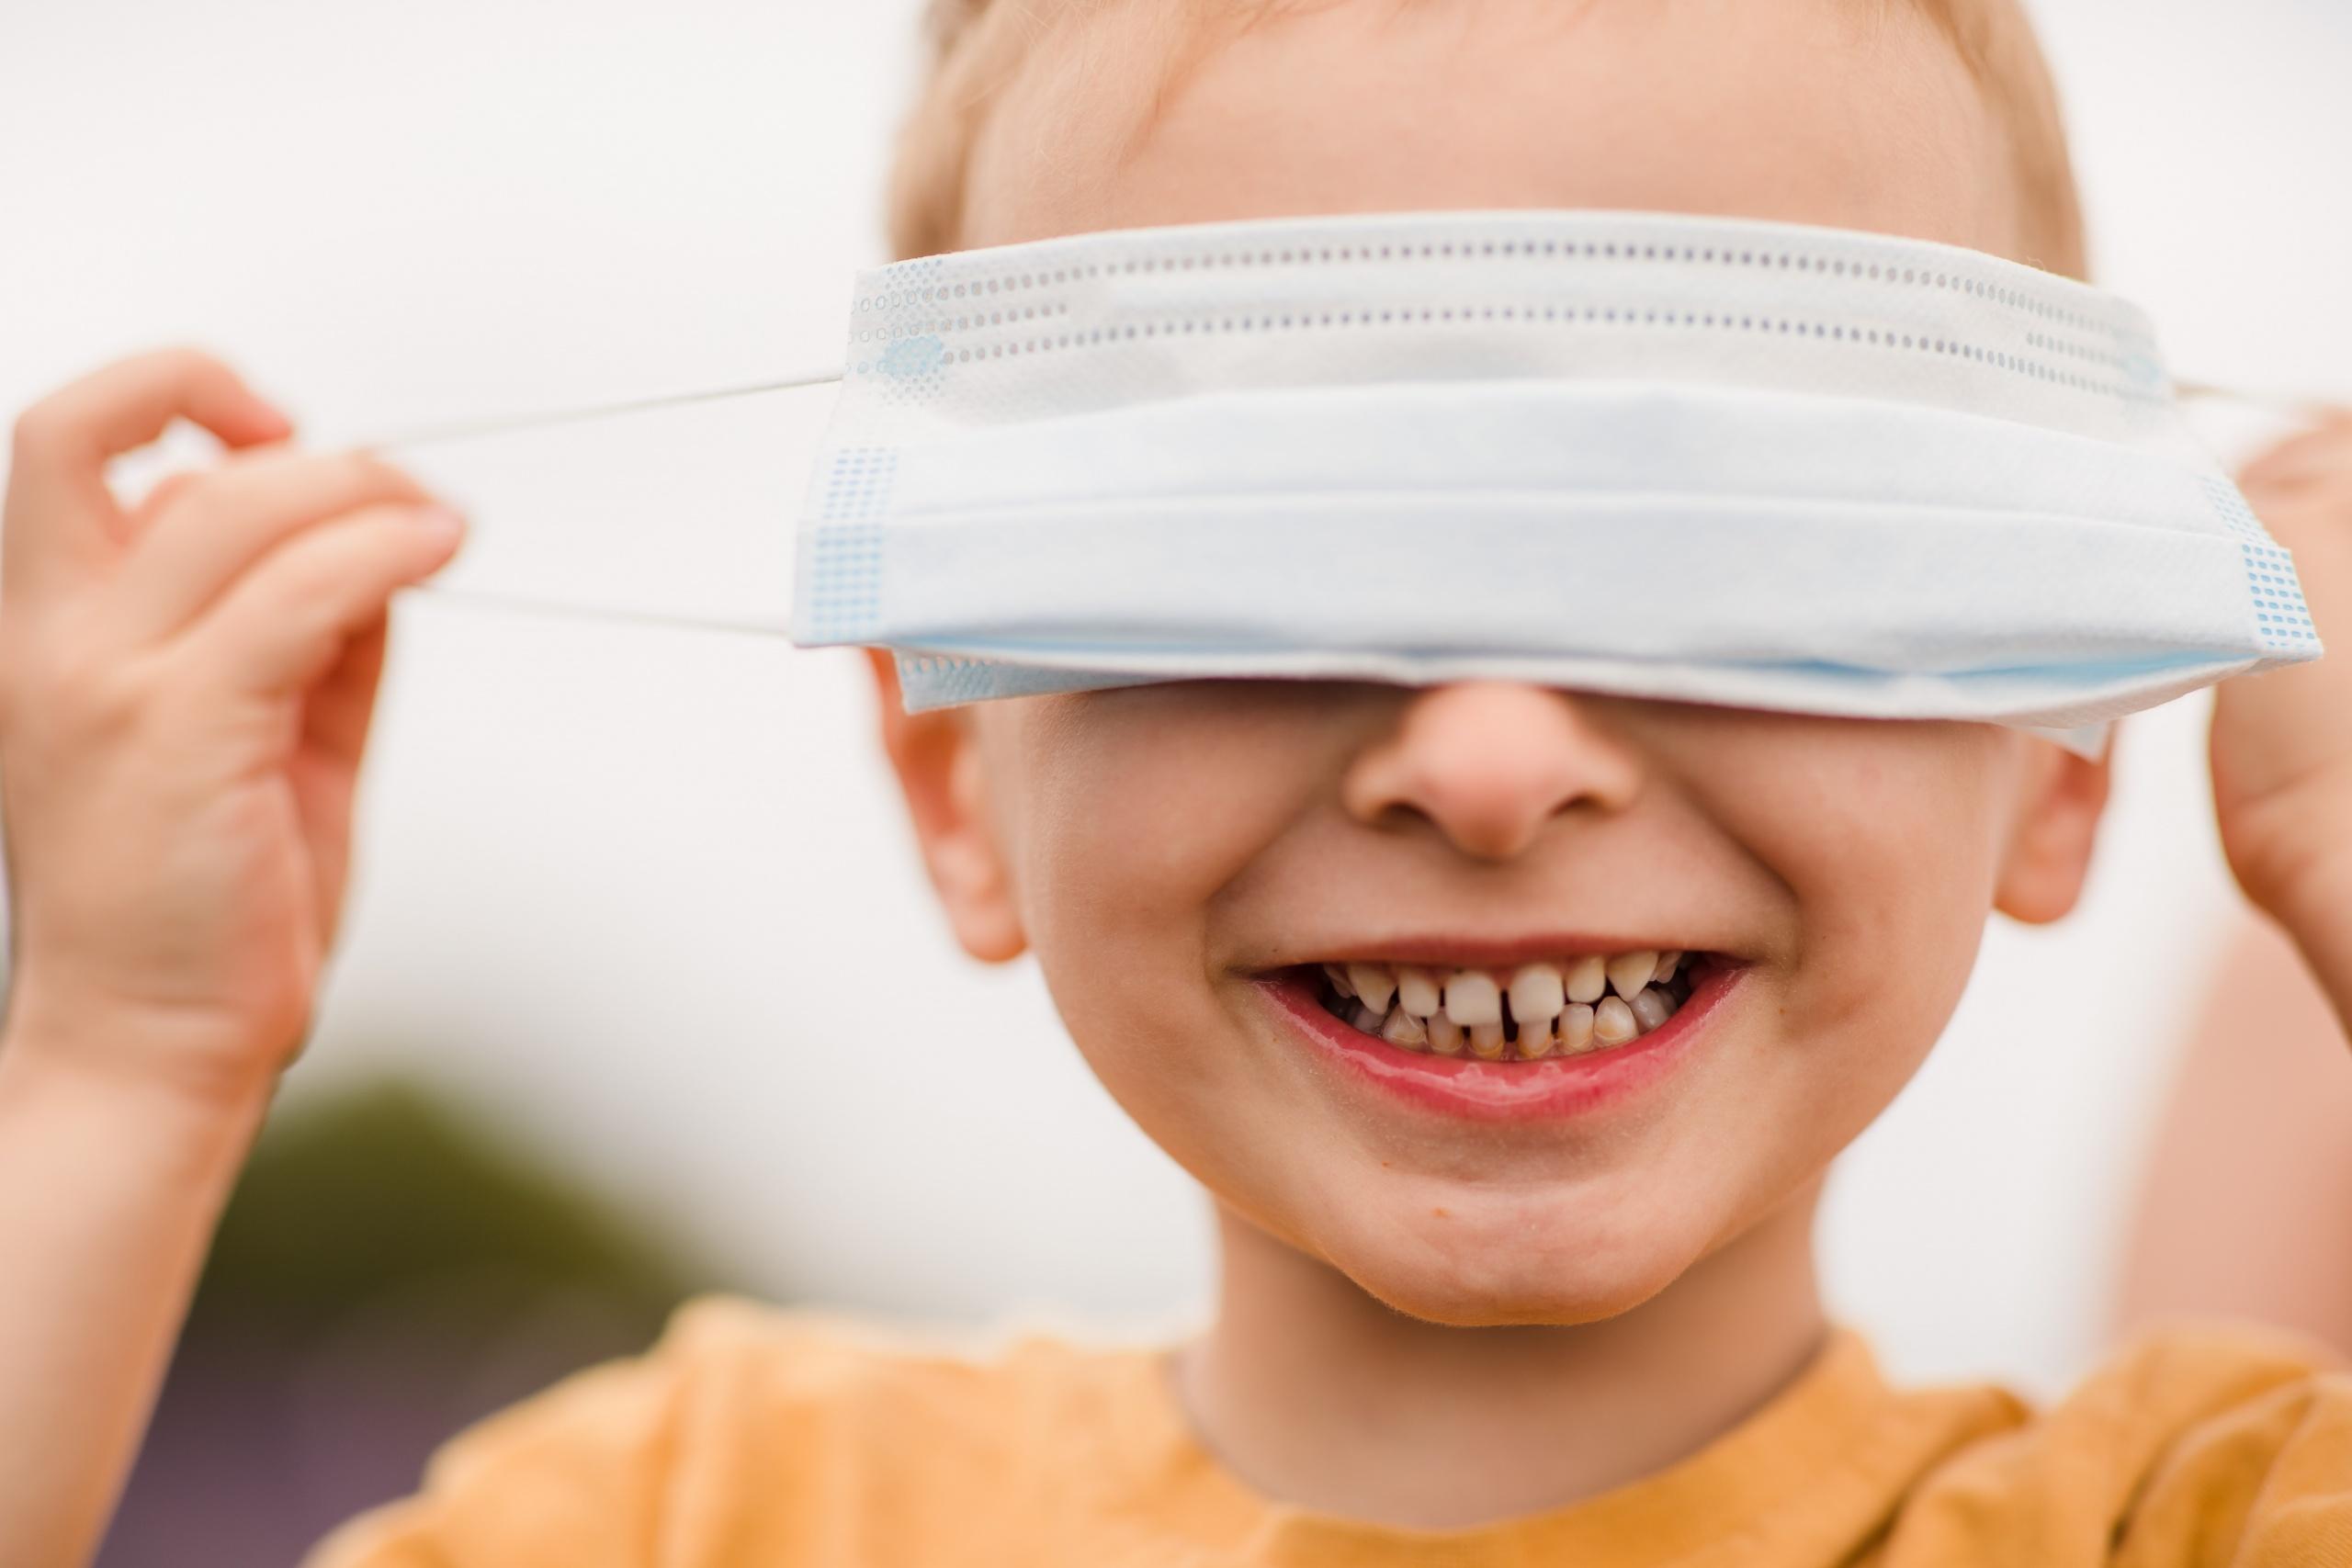 Boy wearing face mask during the coronavirus UK lockdown